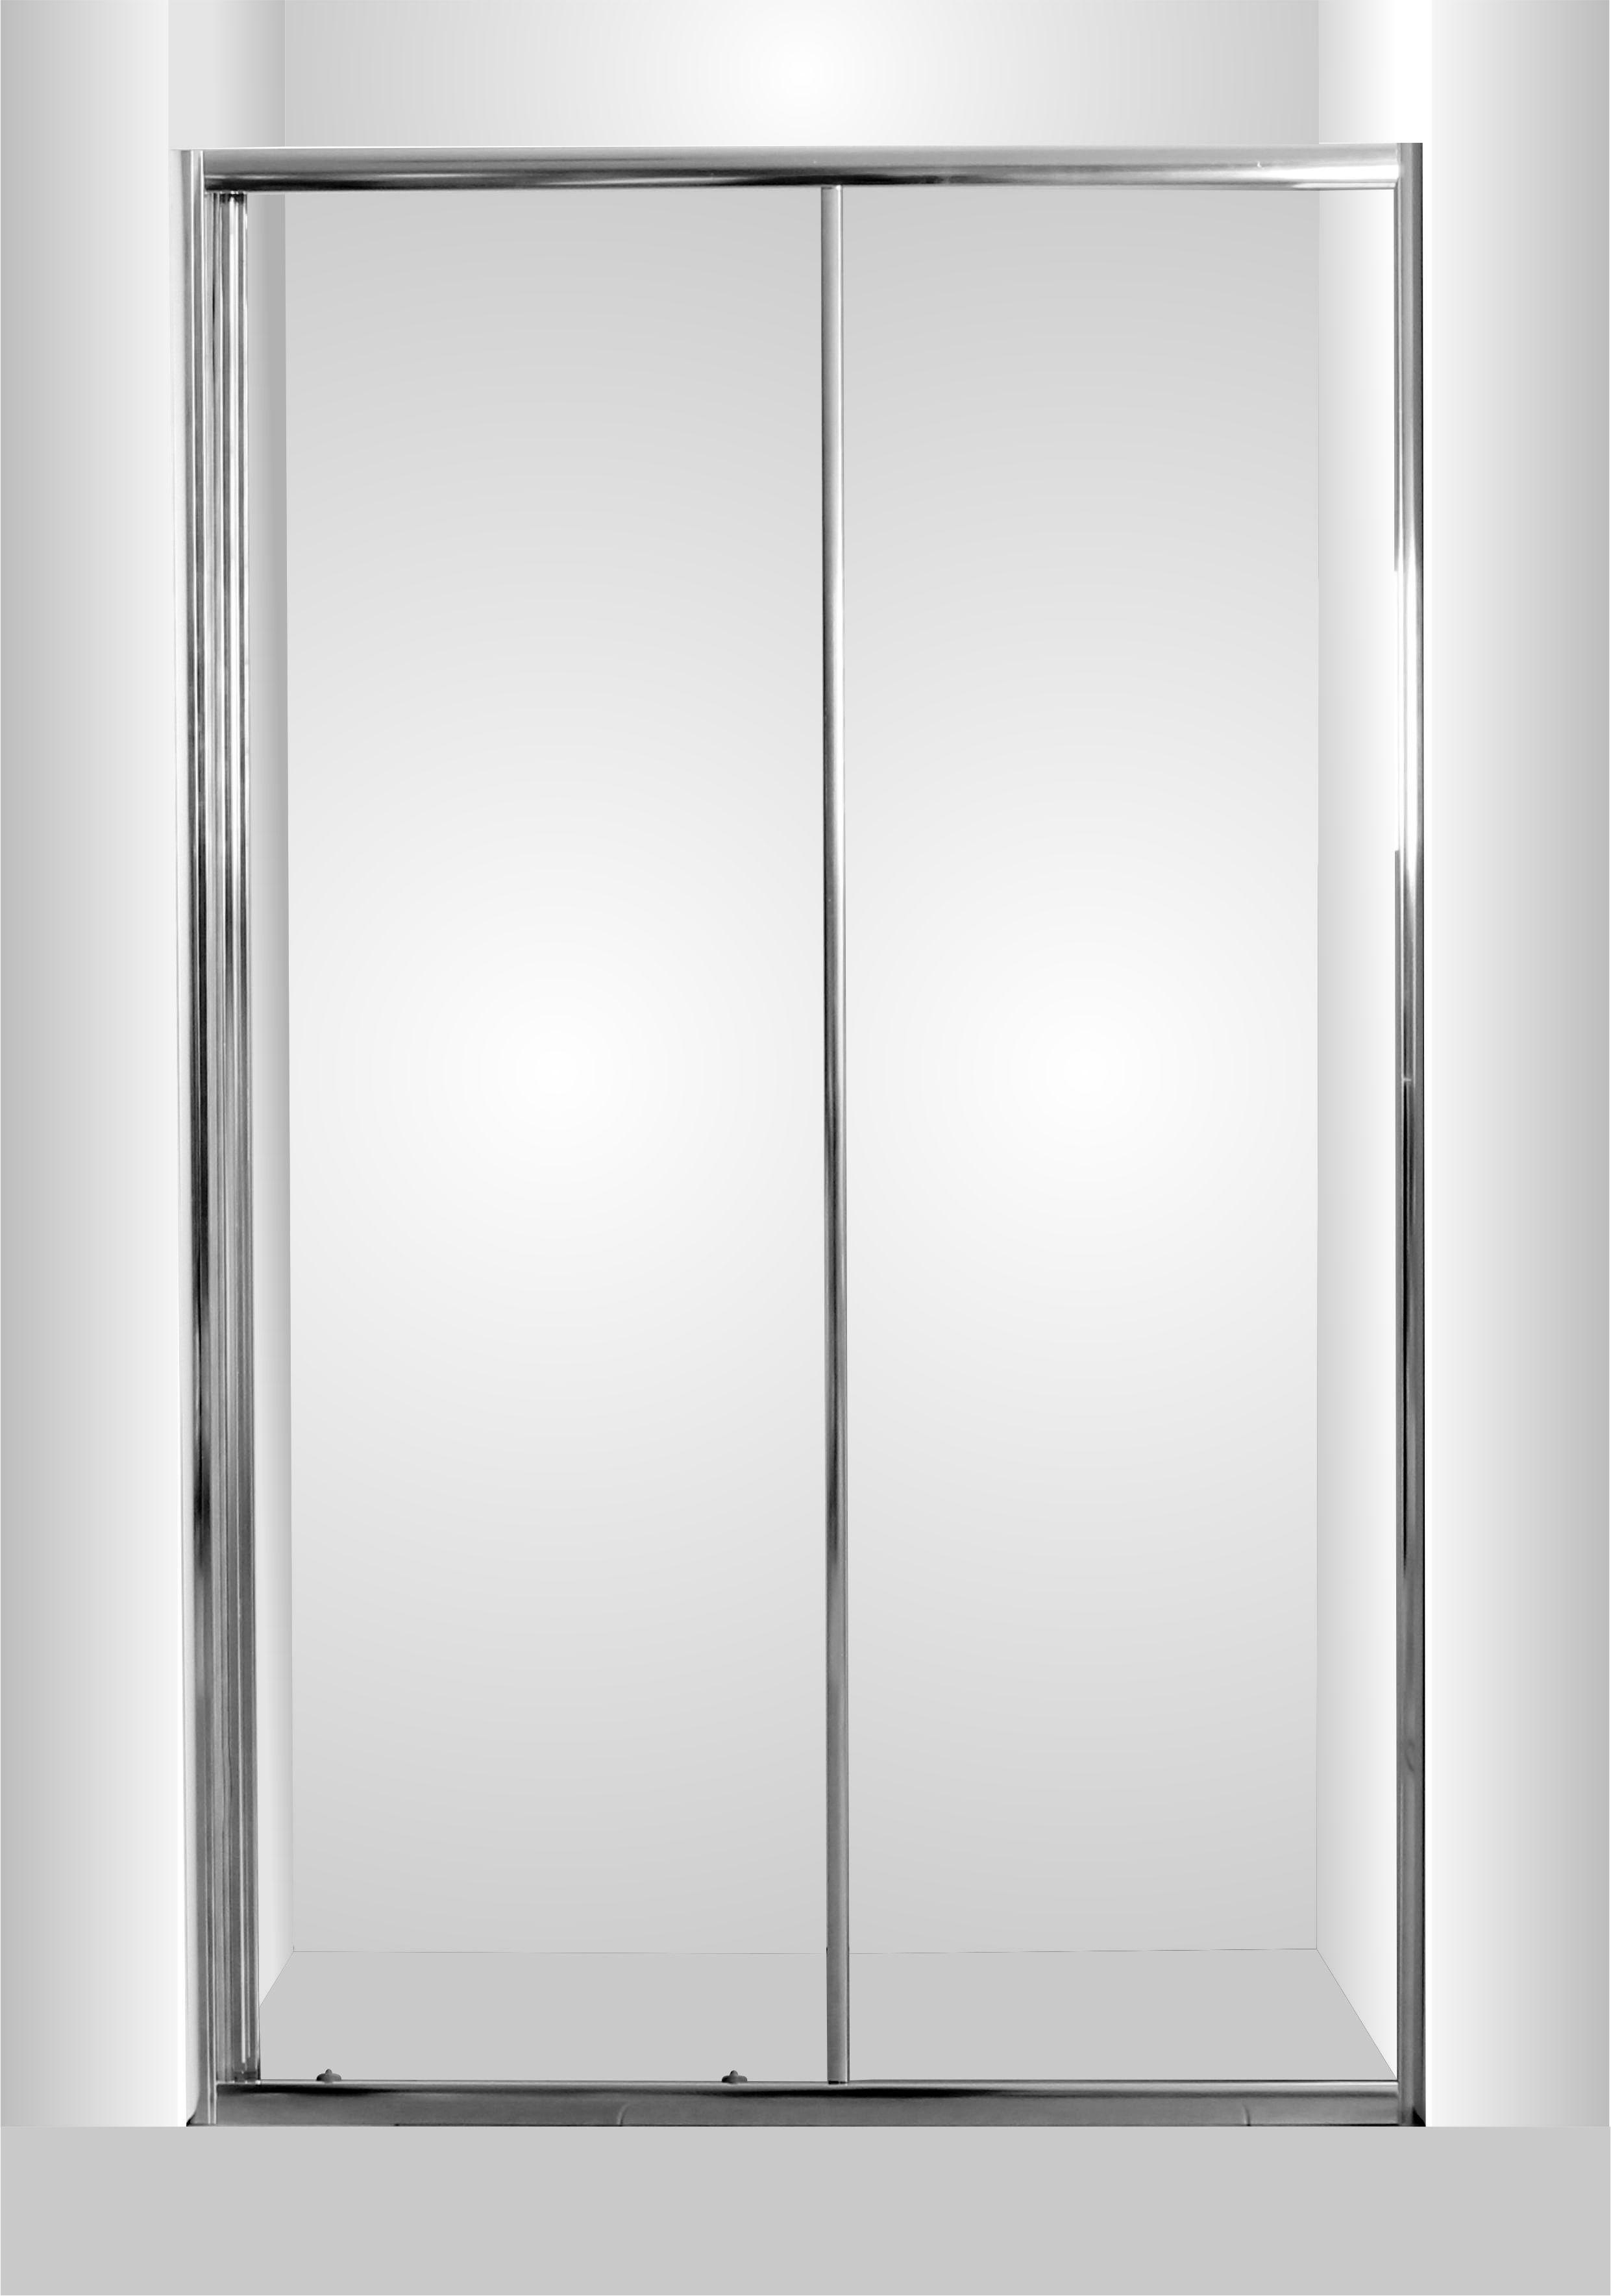 HOPA - Sprchové dveře do niky SMART - SELVA - Barva rámu zástěny - Hliník chrom, Rozměr A - 100 cm, Směr zavírání - Univerzální Levé / Pravé, Výplň - Čiré bezpečnostní sklo - 4 / 6 mm (OLBSEL10CCBV)